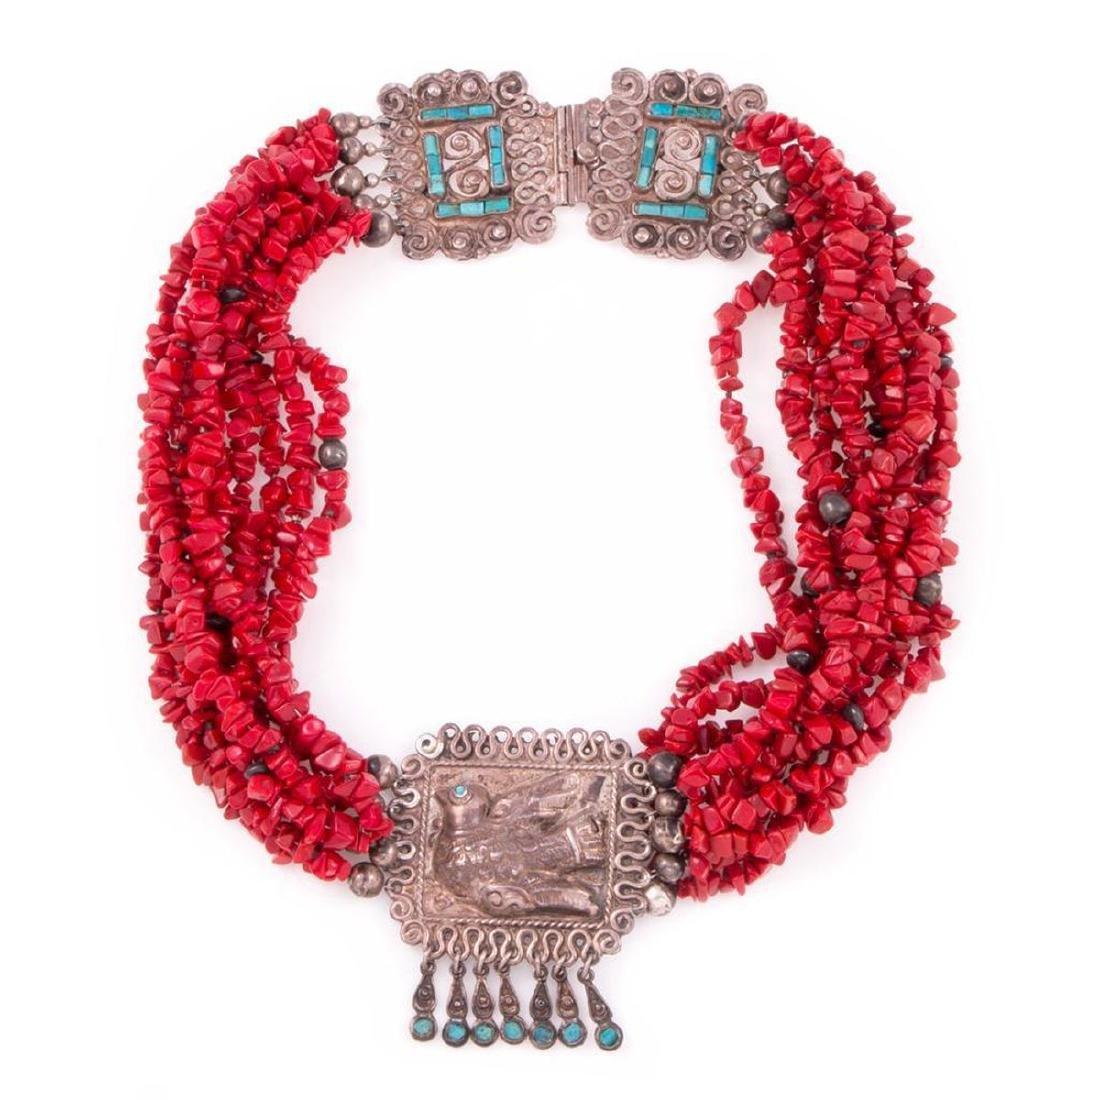 Ricardo Salas for MATL Mexico, coral & turquoise neckla